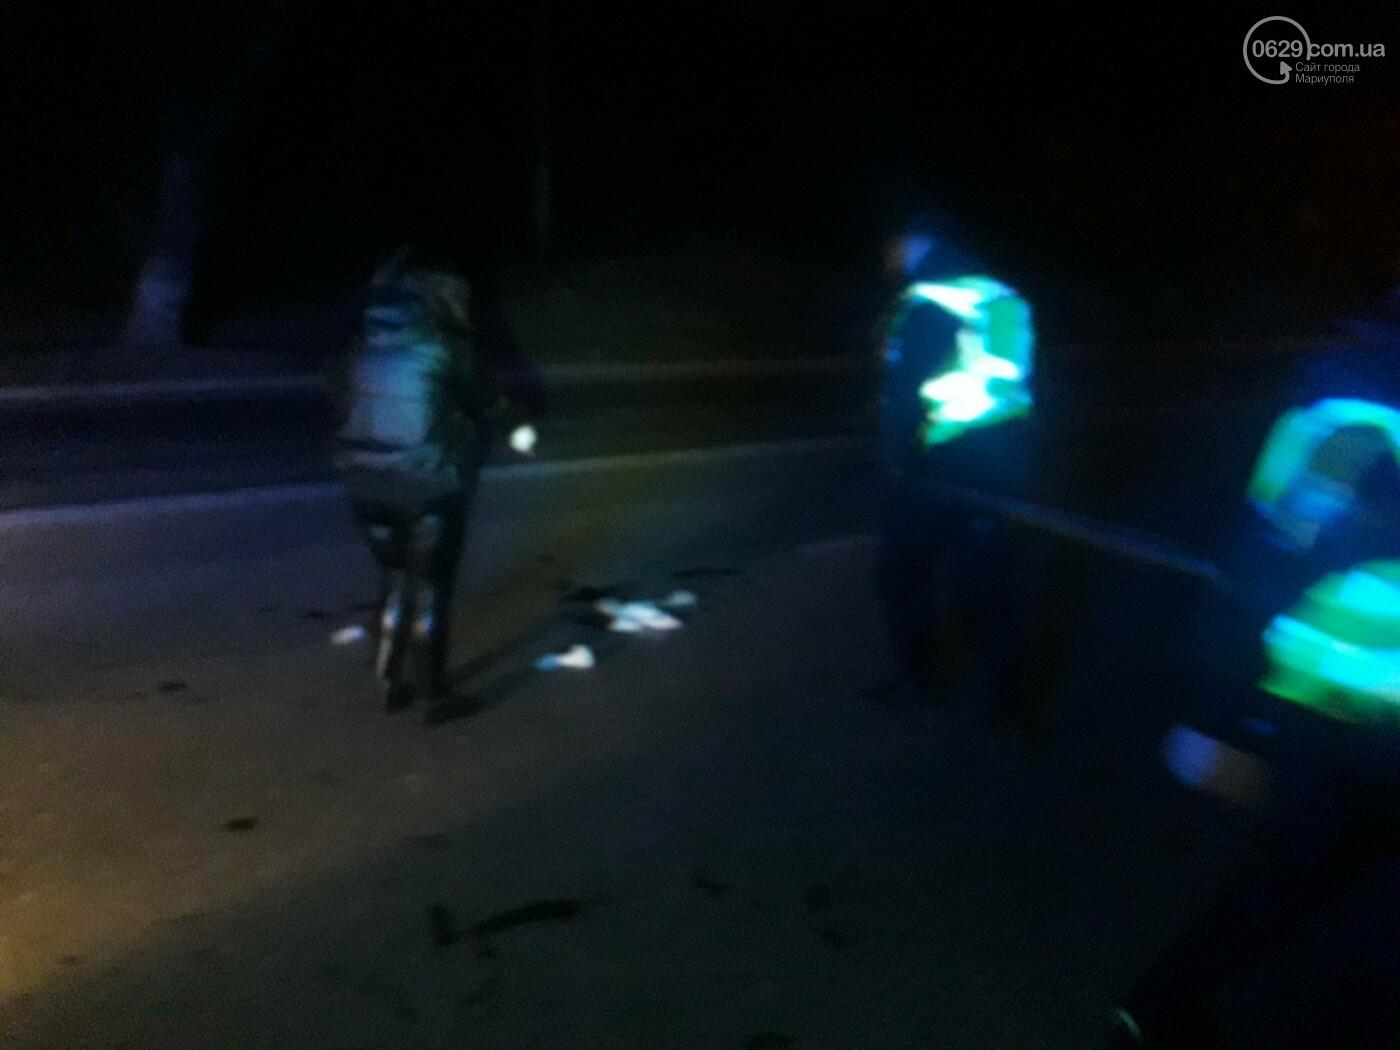 В Мариуполе водитель авто сбил женщину и скрылся с места аварии, - ФОТО, фото-4